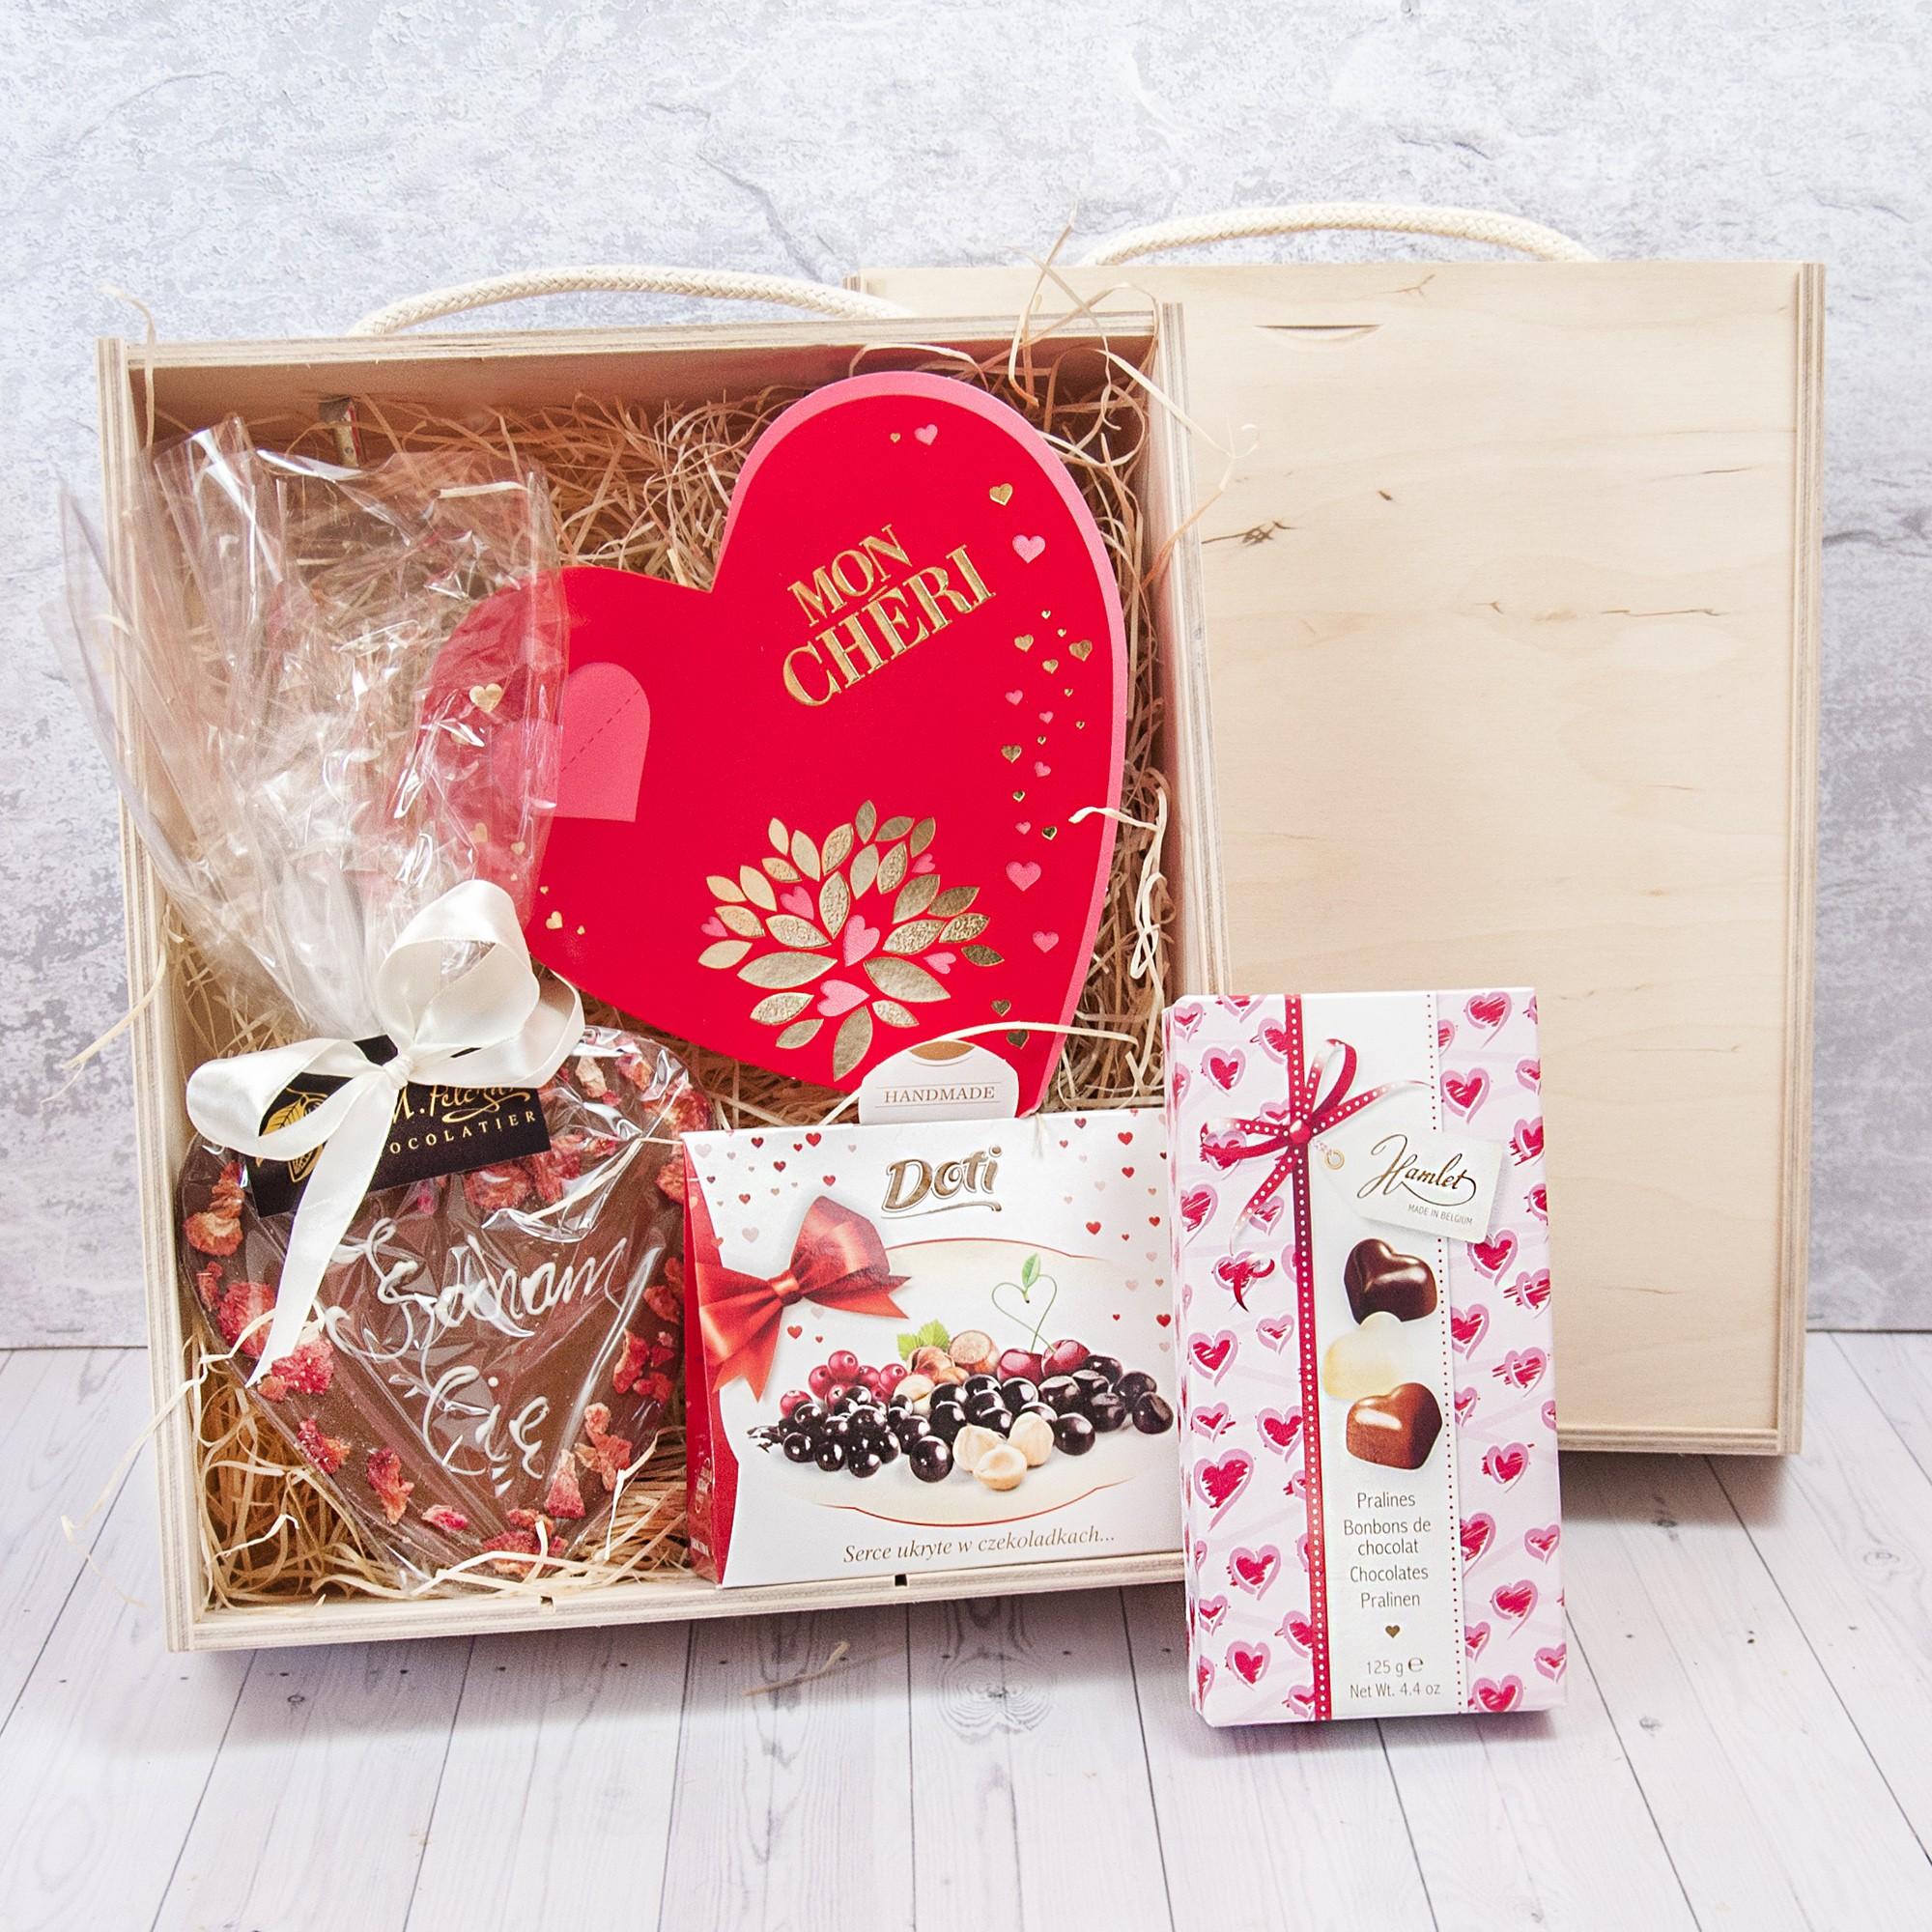 skrzynka na dzień matki, prezent dla matki, pralinki, czekoladki hamlet, czekoladki doti